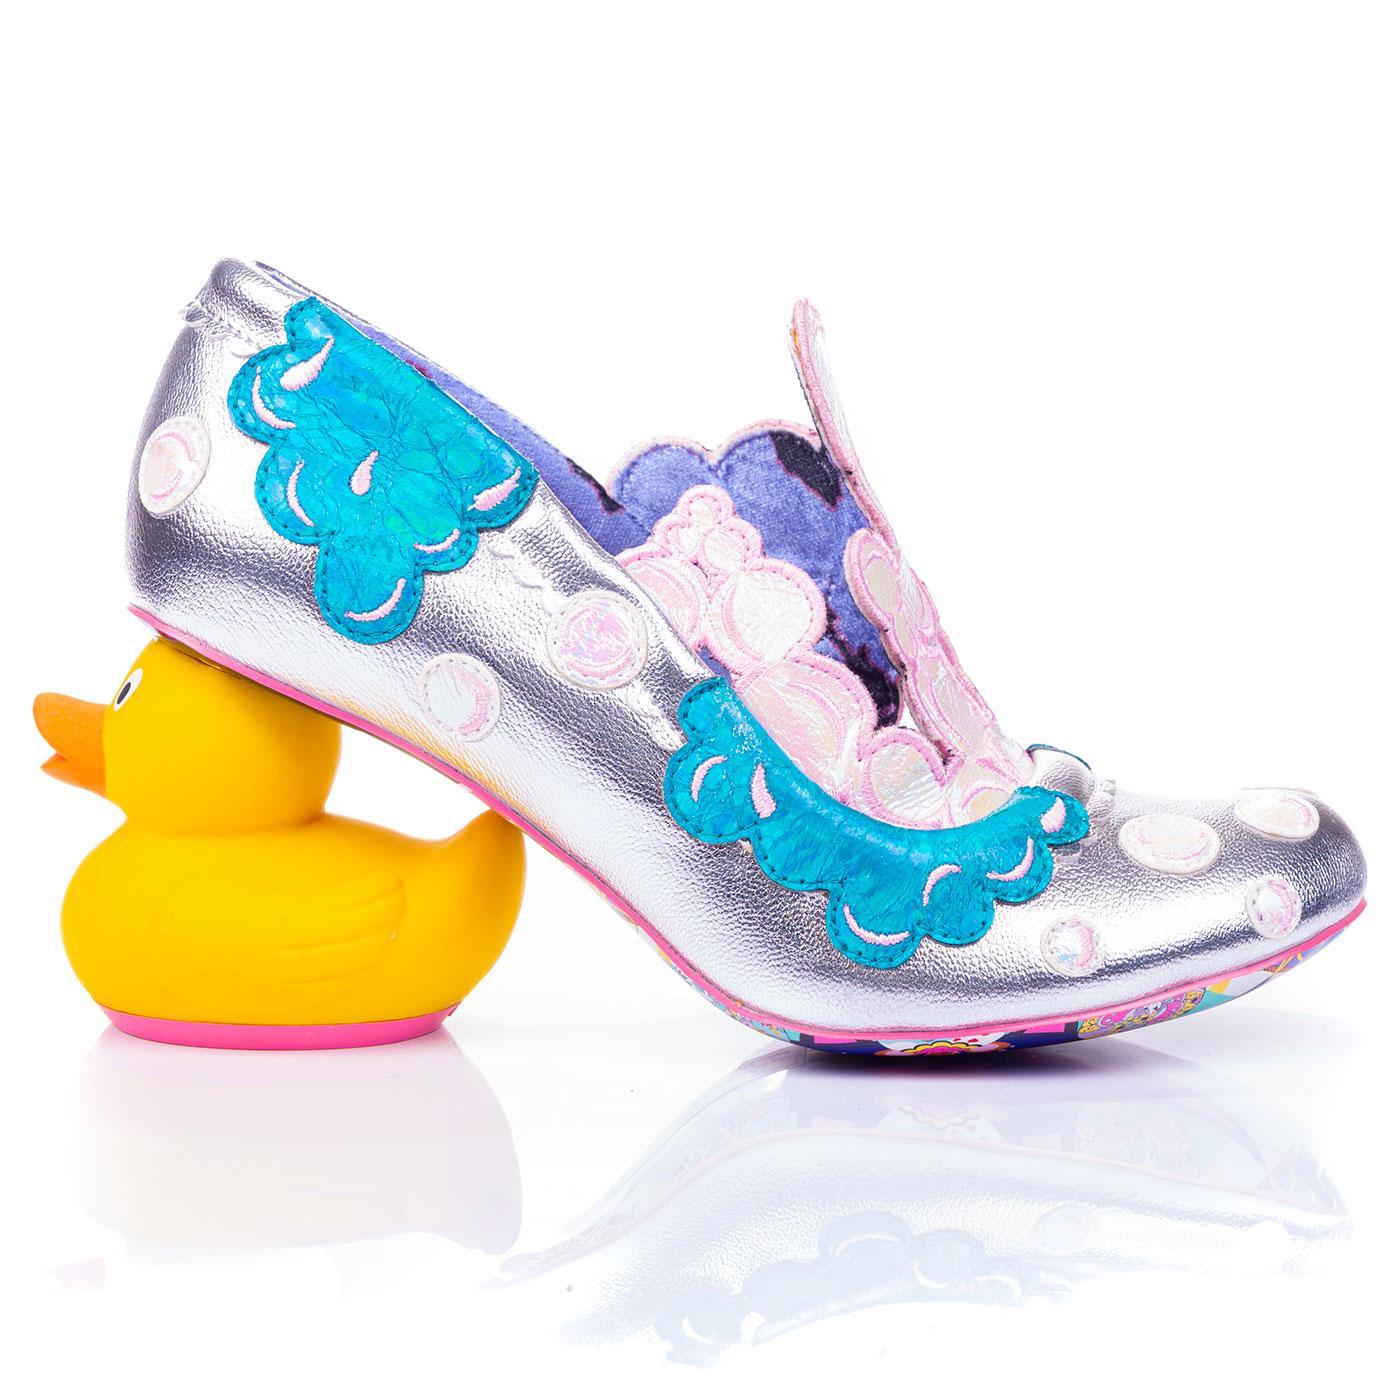 Bubble Bath IRREGULAR CHOICE Rubber Duck Heels